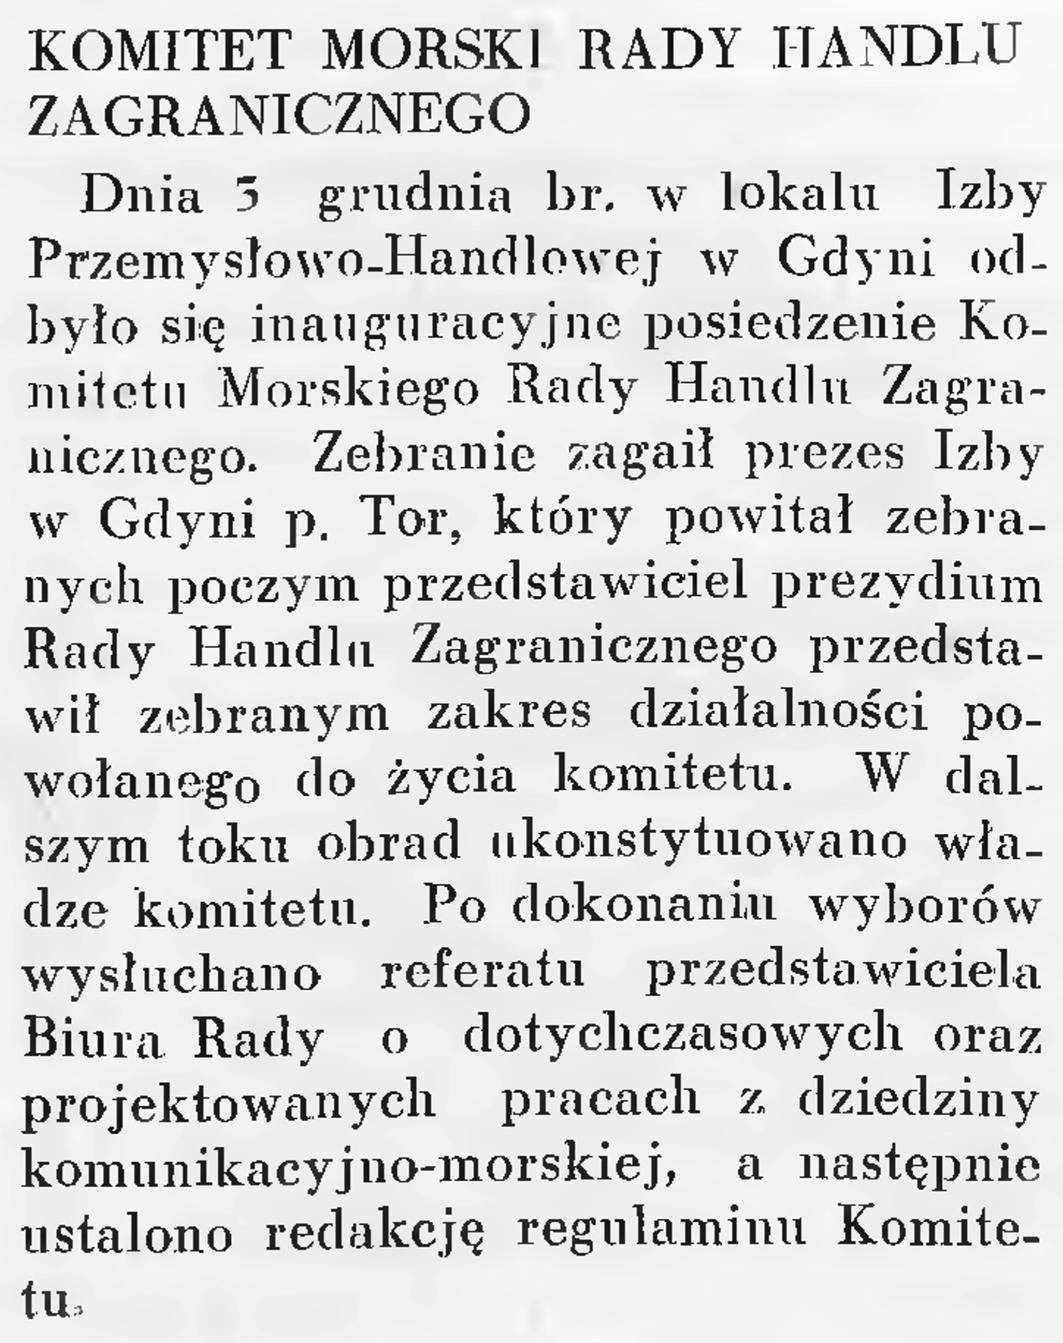 Komitet Morski Rady Handlu Zagranicznego // Wiadomości Portu Gdyńskiego. - 1937, nr 12, s. 19